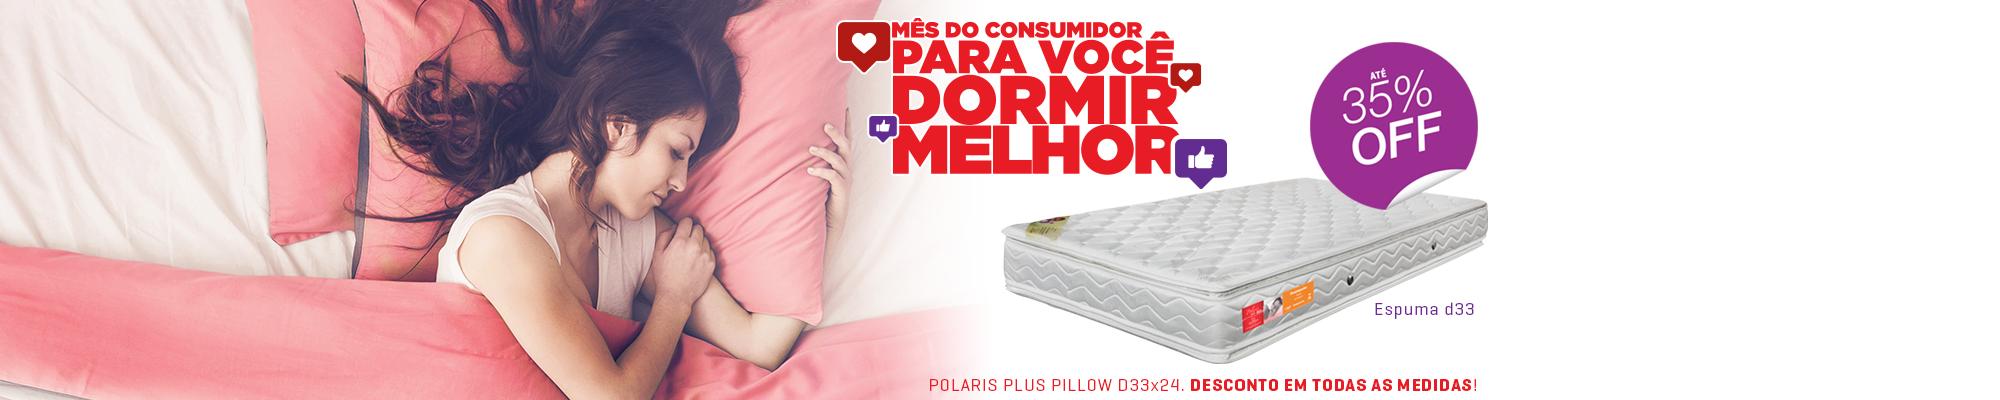 Consumidor Polaris